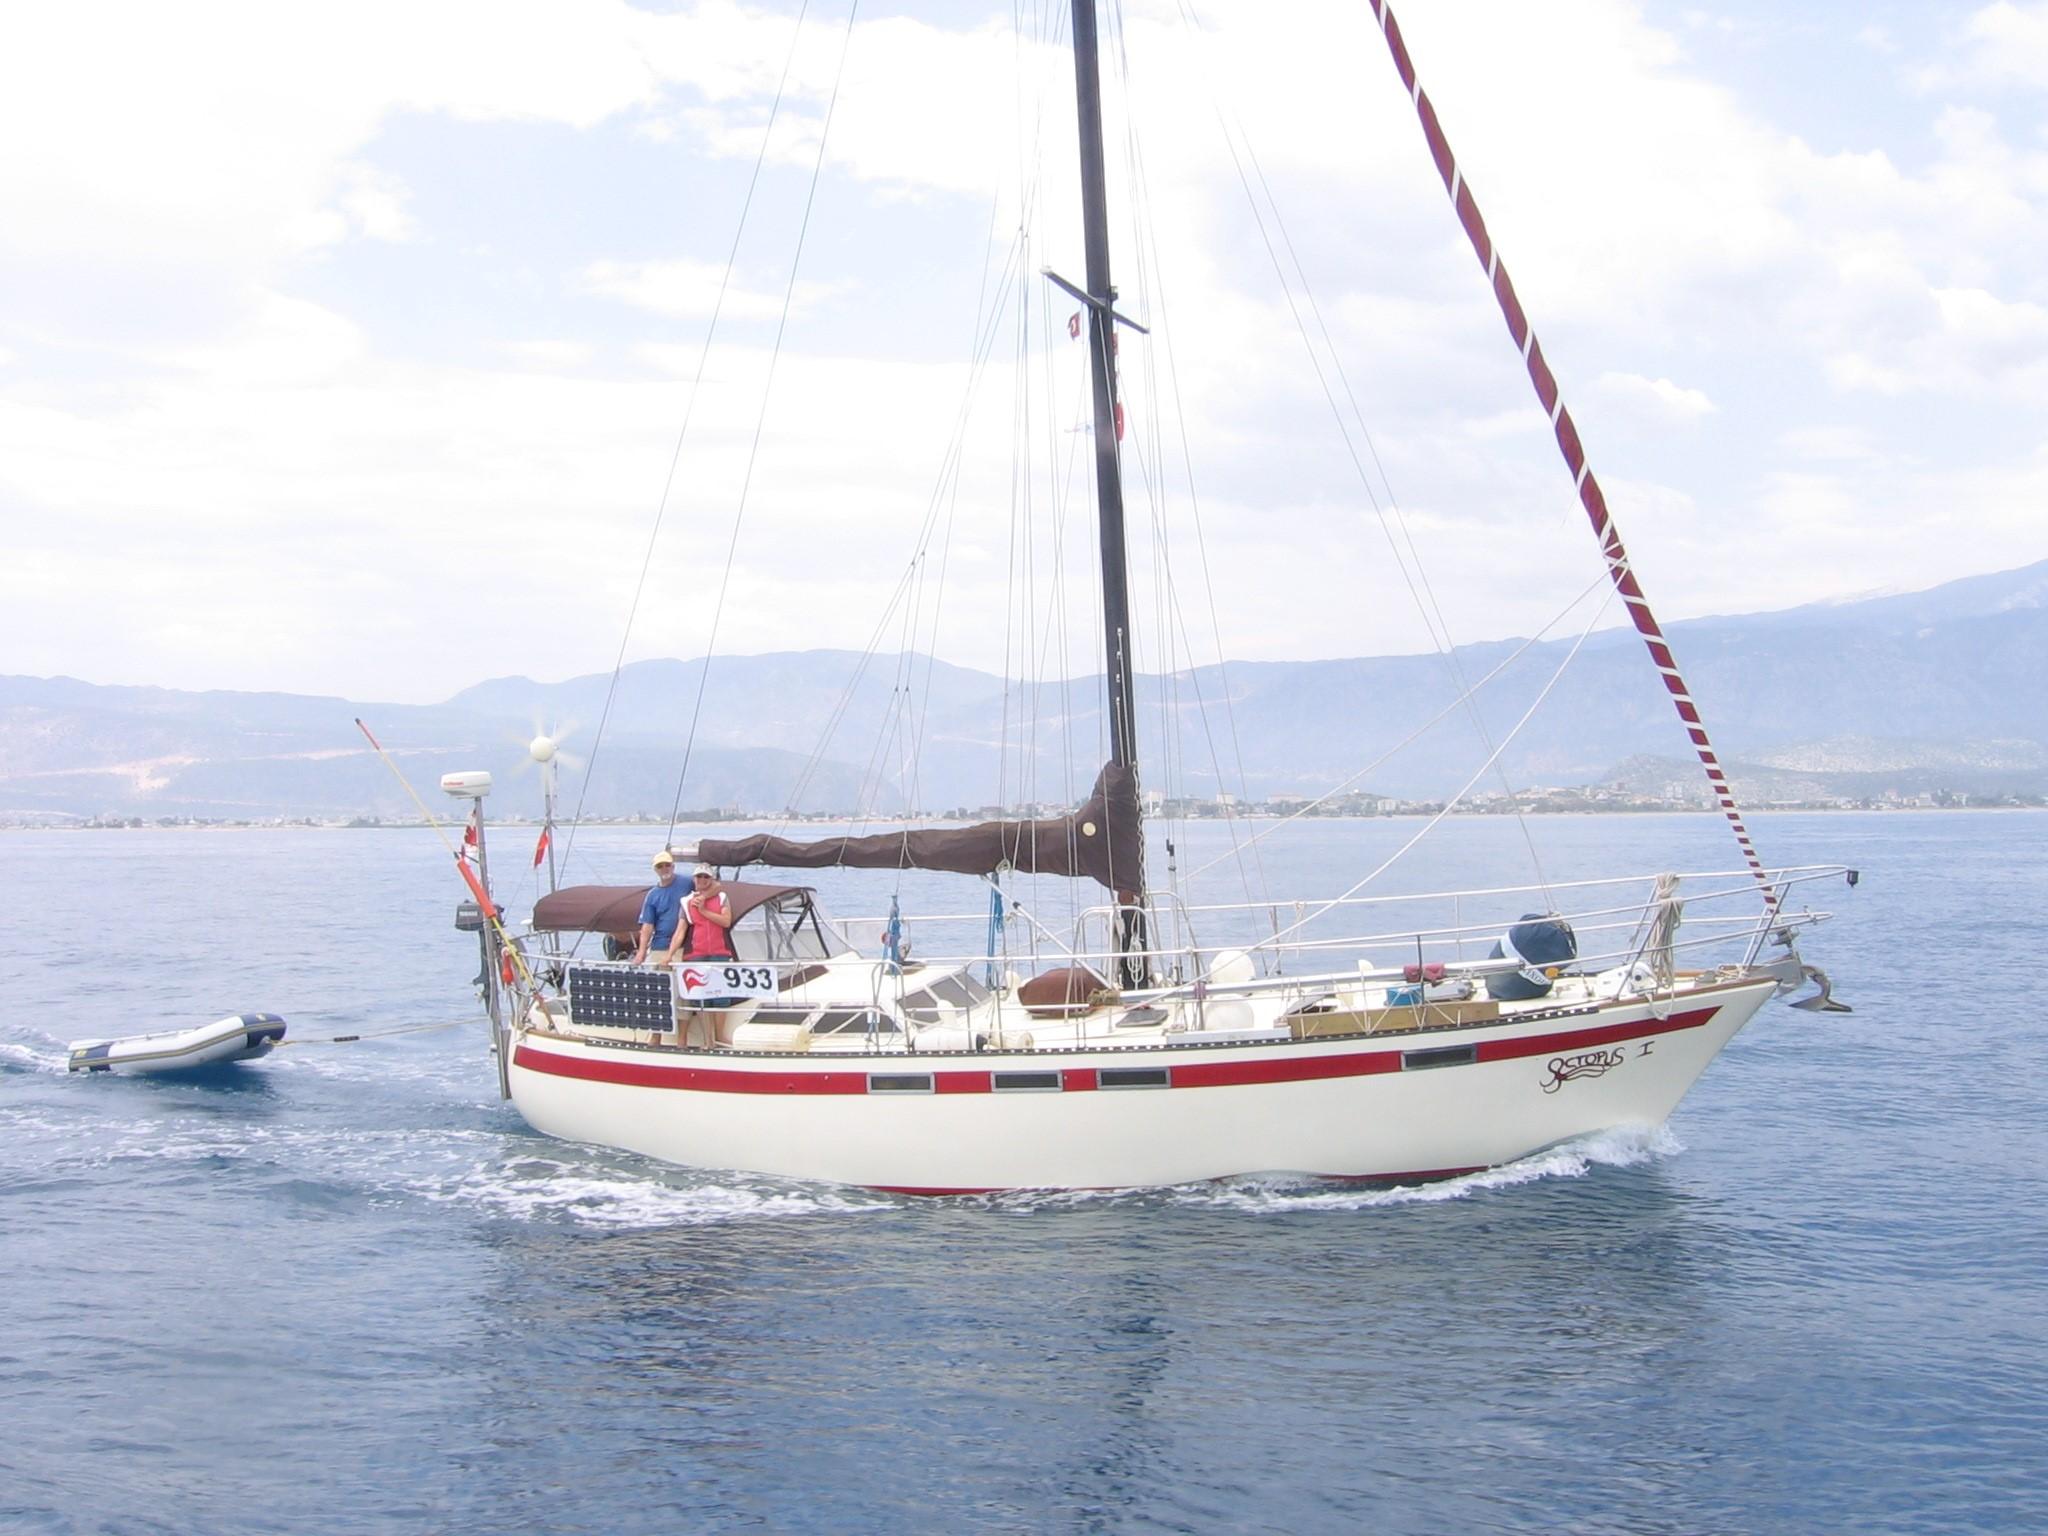 087 - Octopus - motoring ((2007 EMYR))